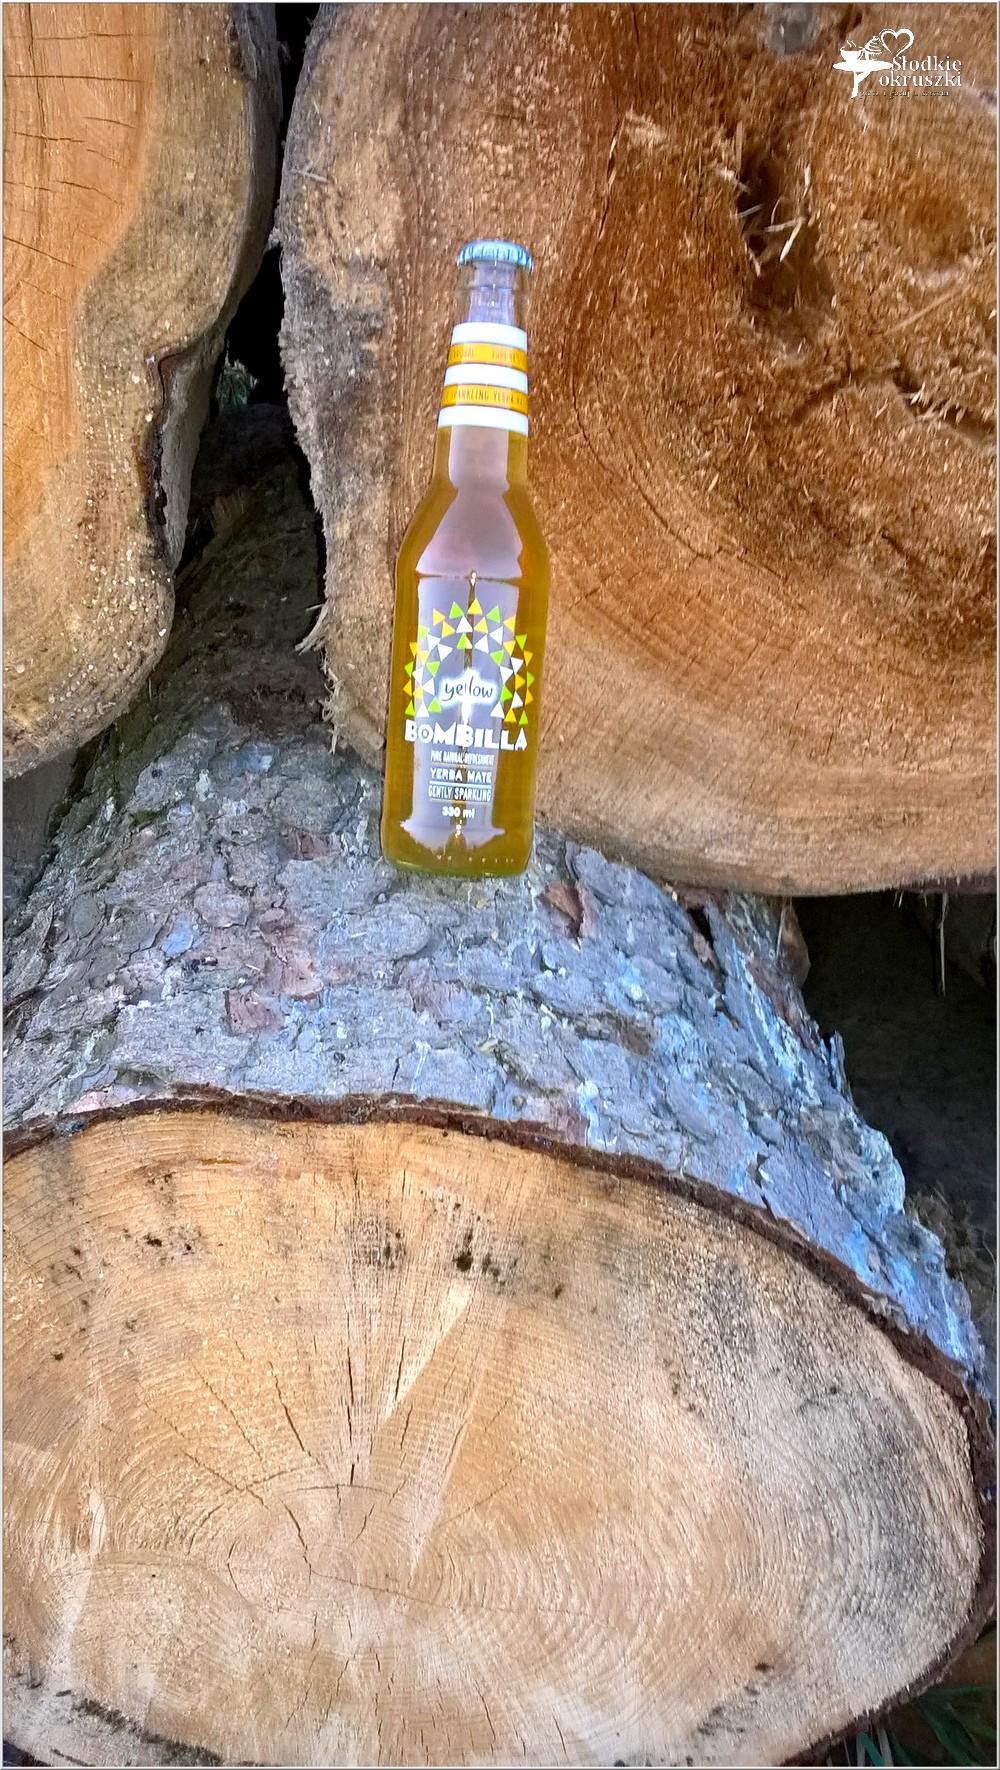 Bombilladrink - smak, wzmocnienie, rześkość. To więcej niż napój (6)